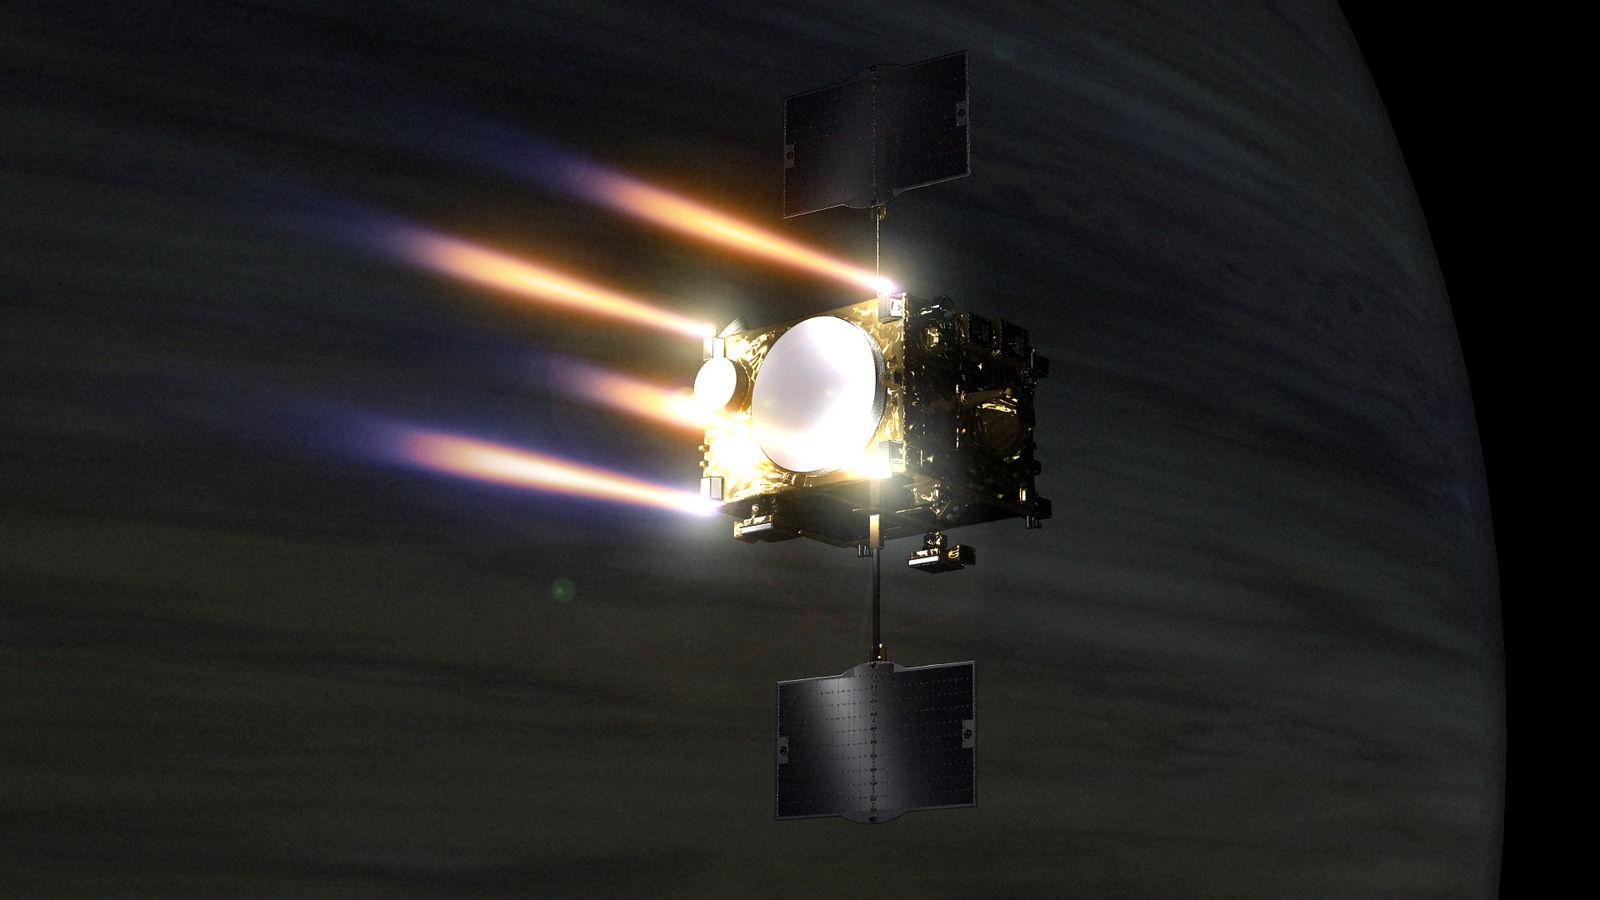 Mission Update Success Akatsuki Is In Orbit Around Venus